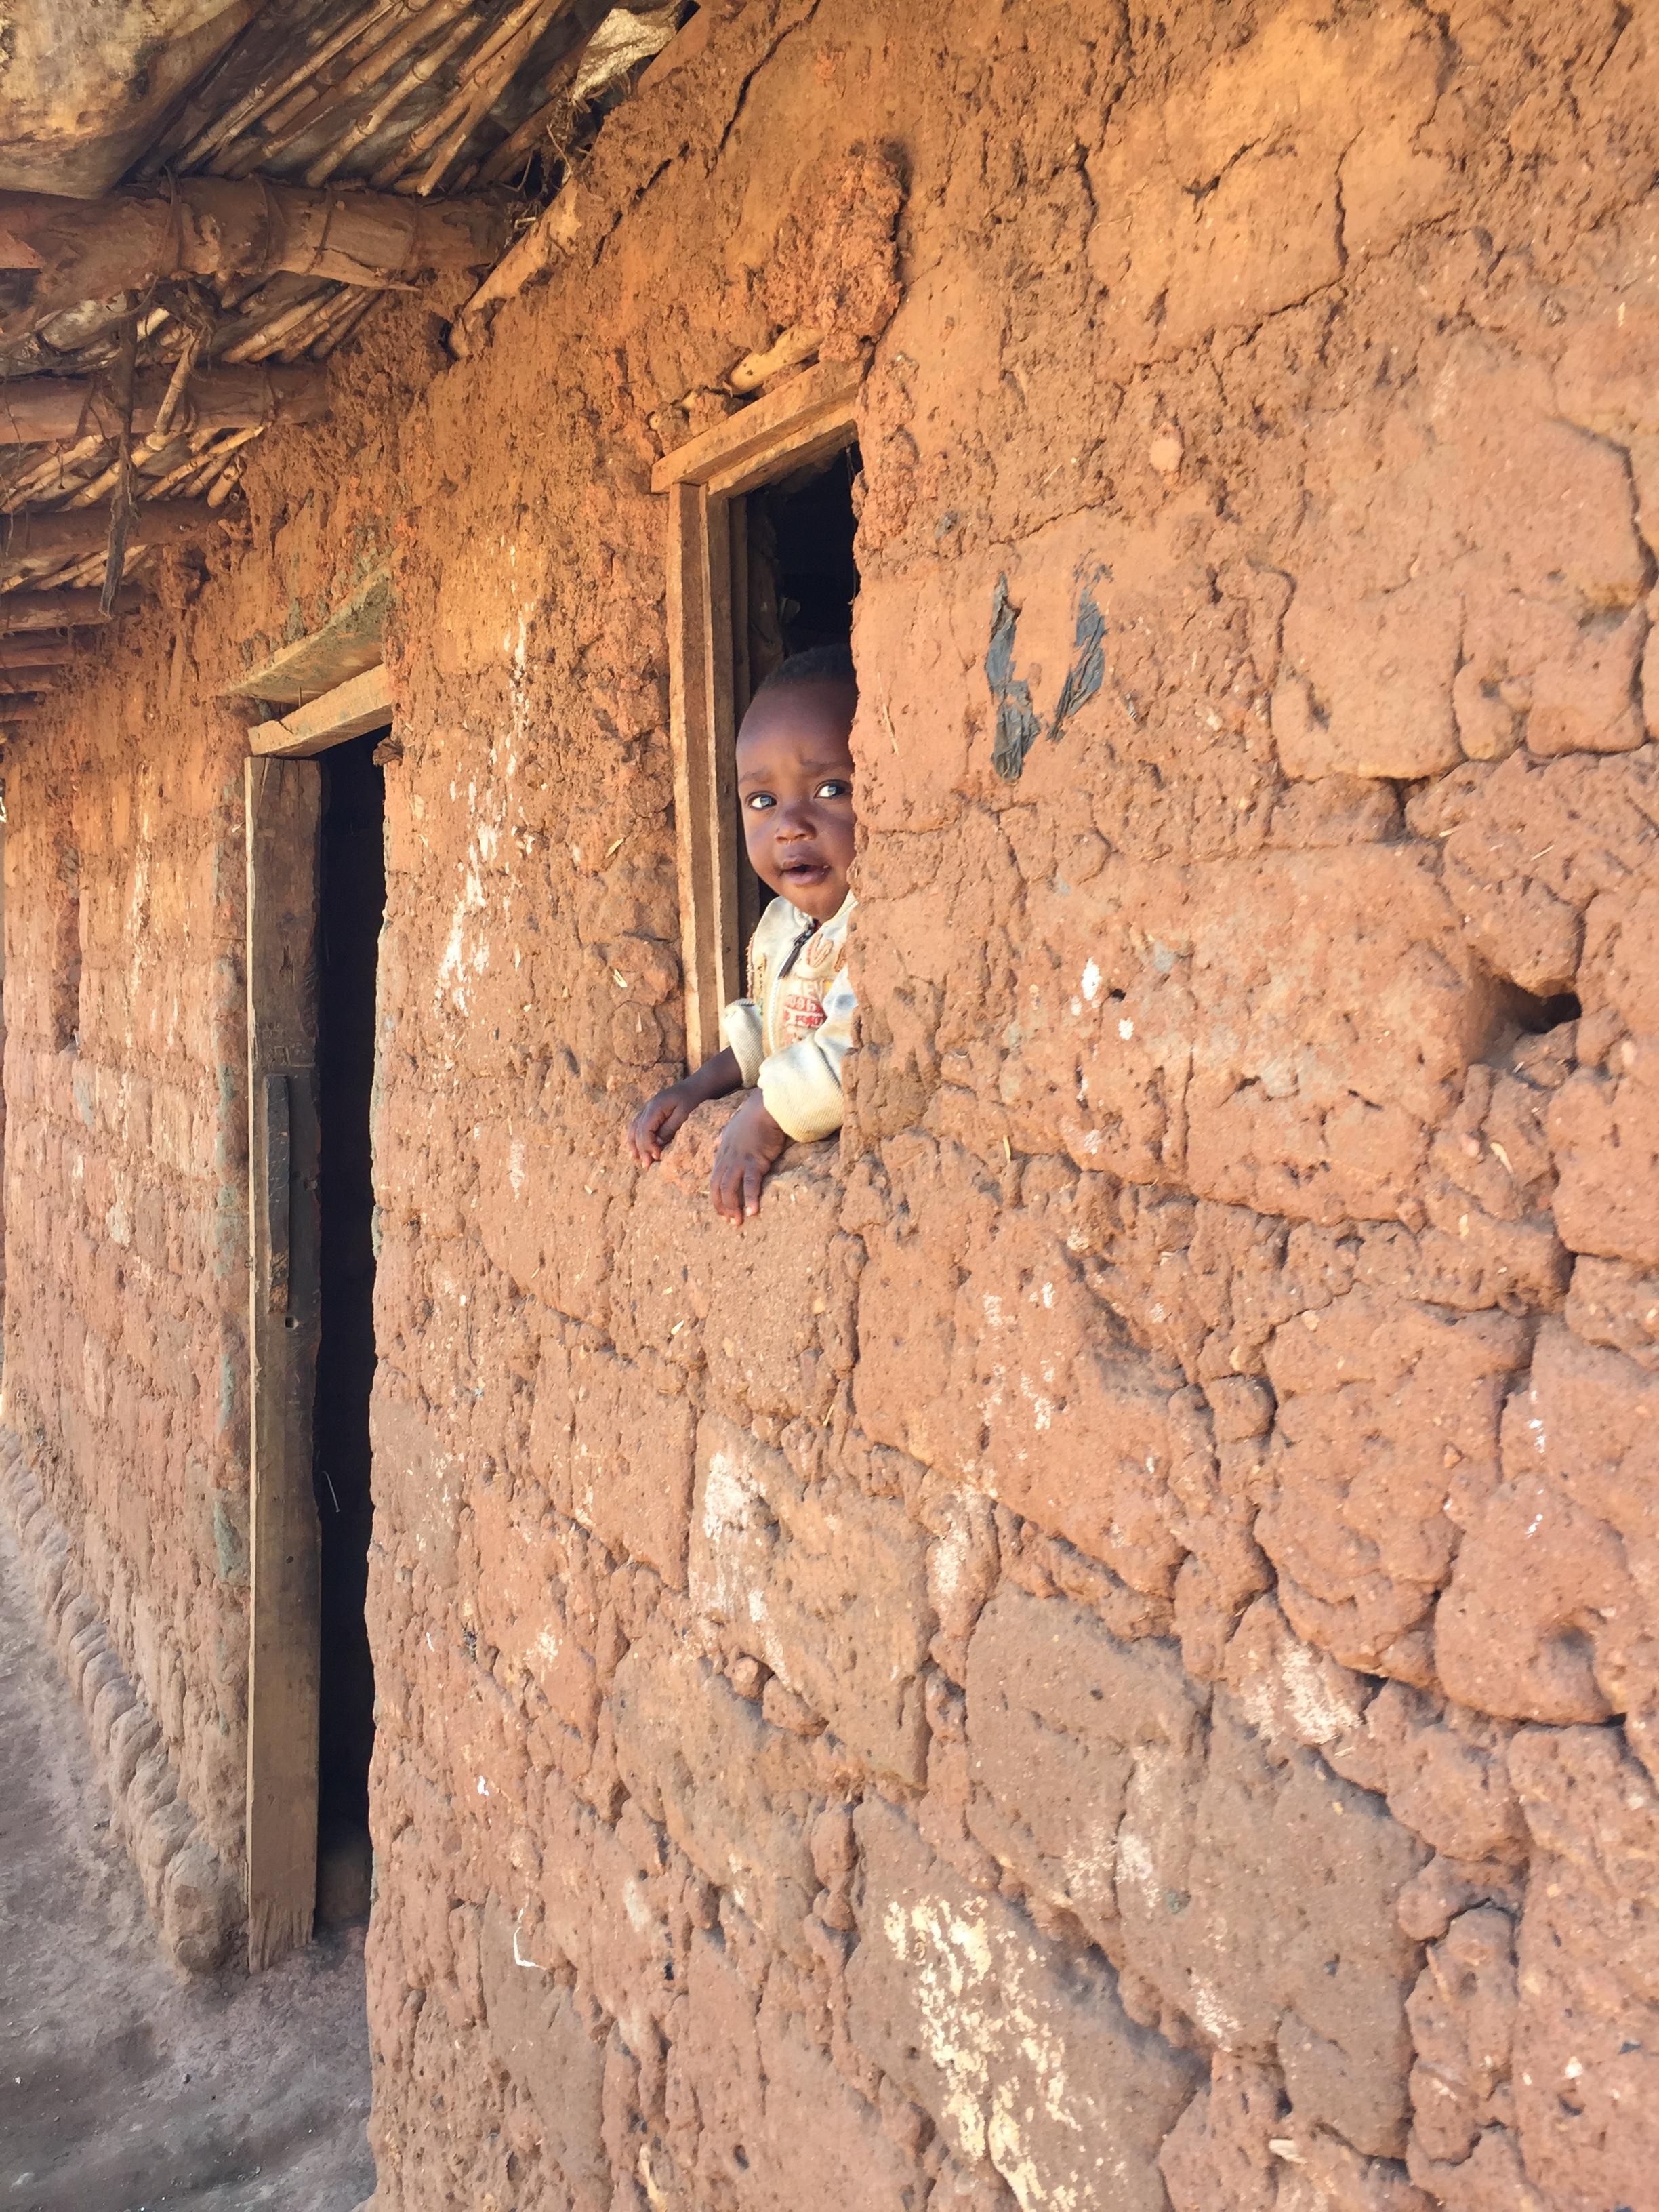 A child in a self-built mud hut